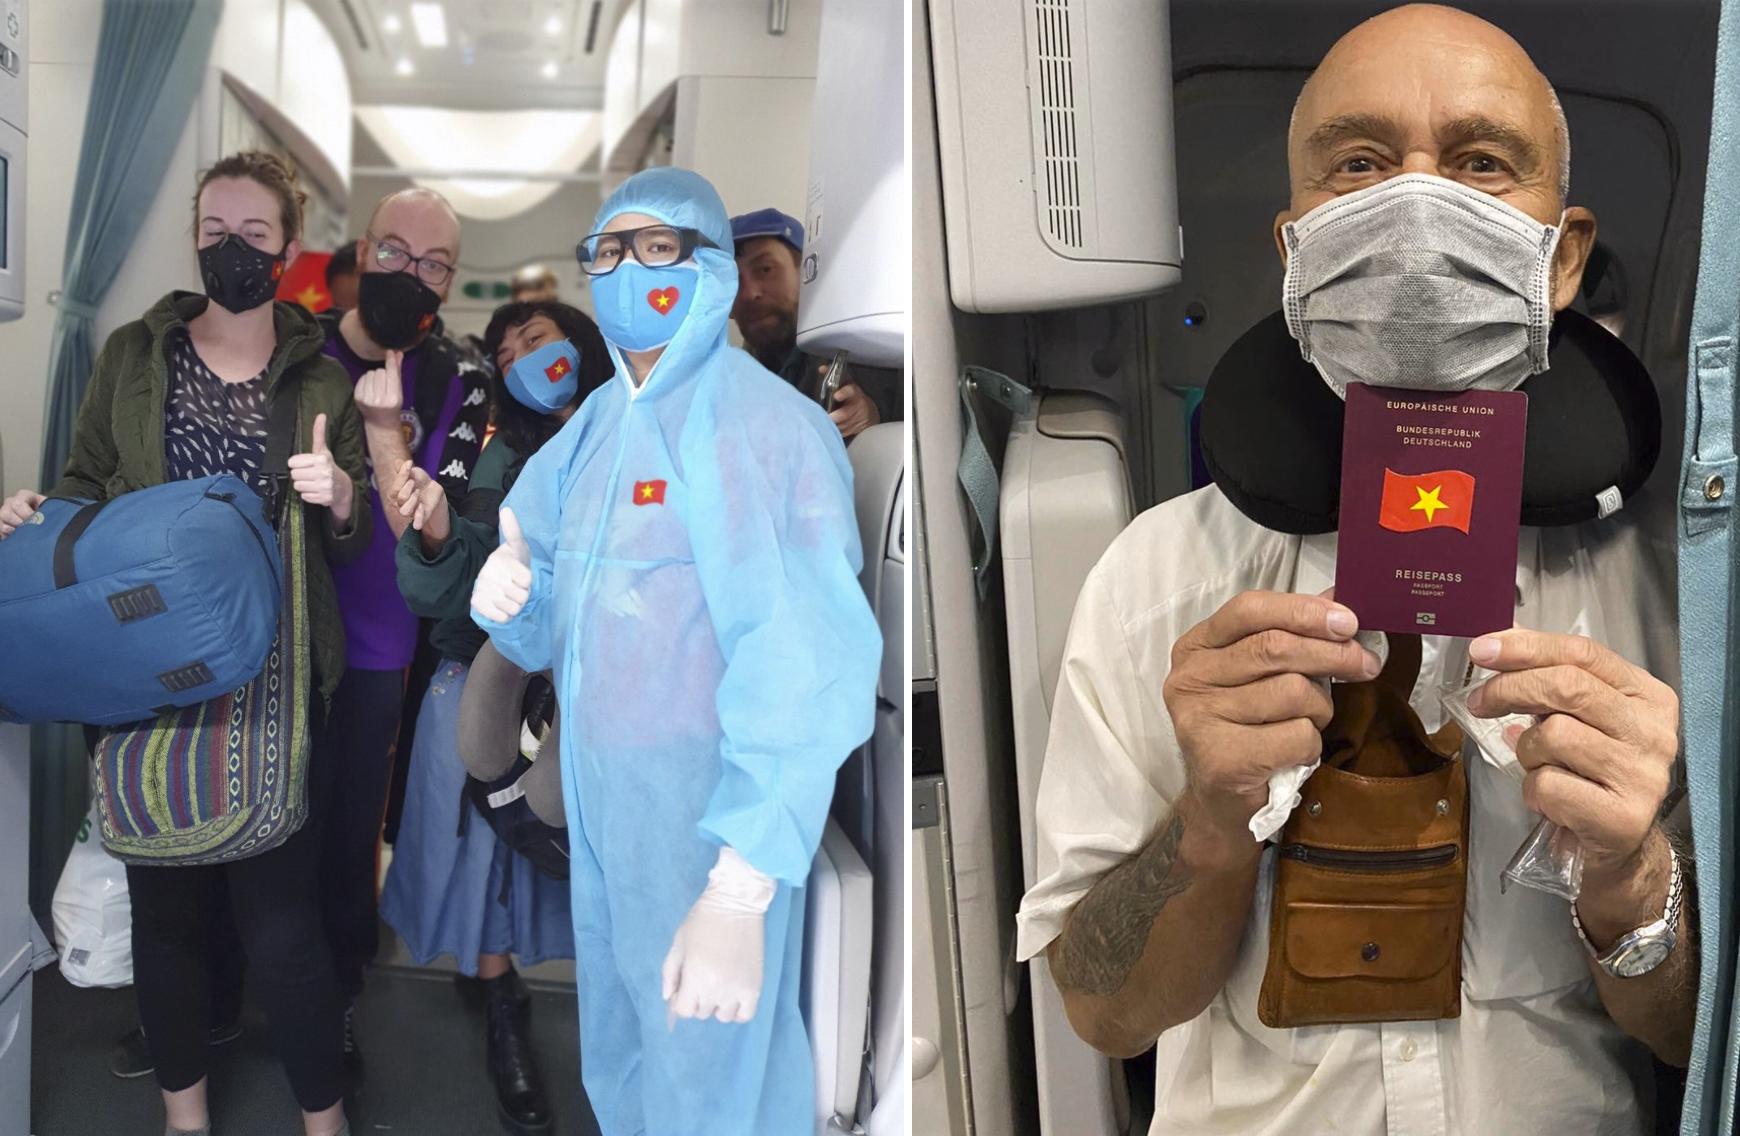 Vietnam Airlines thực hiện chuyến bay đặc biệt đưa 600 người nước ngoài hồi hương khi dịch Covid-19 đang phức tạp - Ảnh 1.